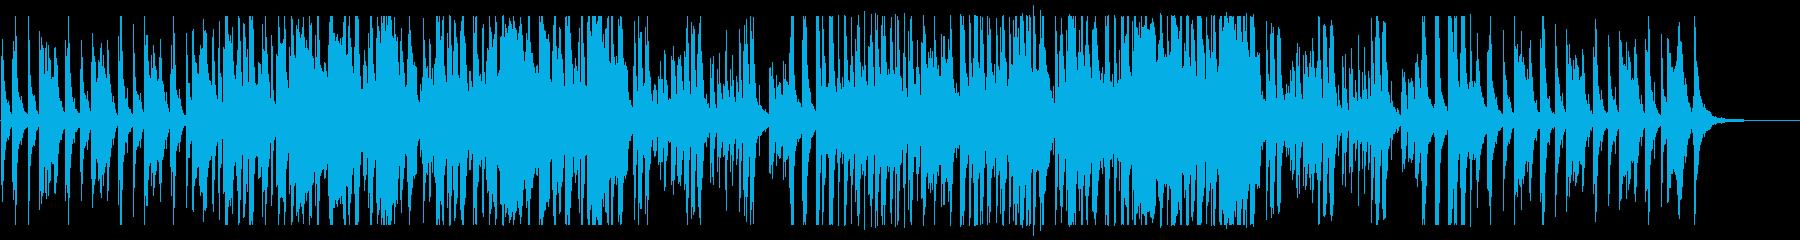 笛と琴の軽妙な和風曲/映像/昔話/物語の再生済みの波形